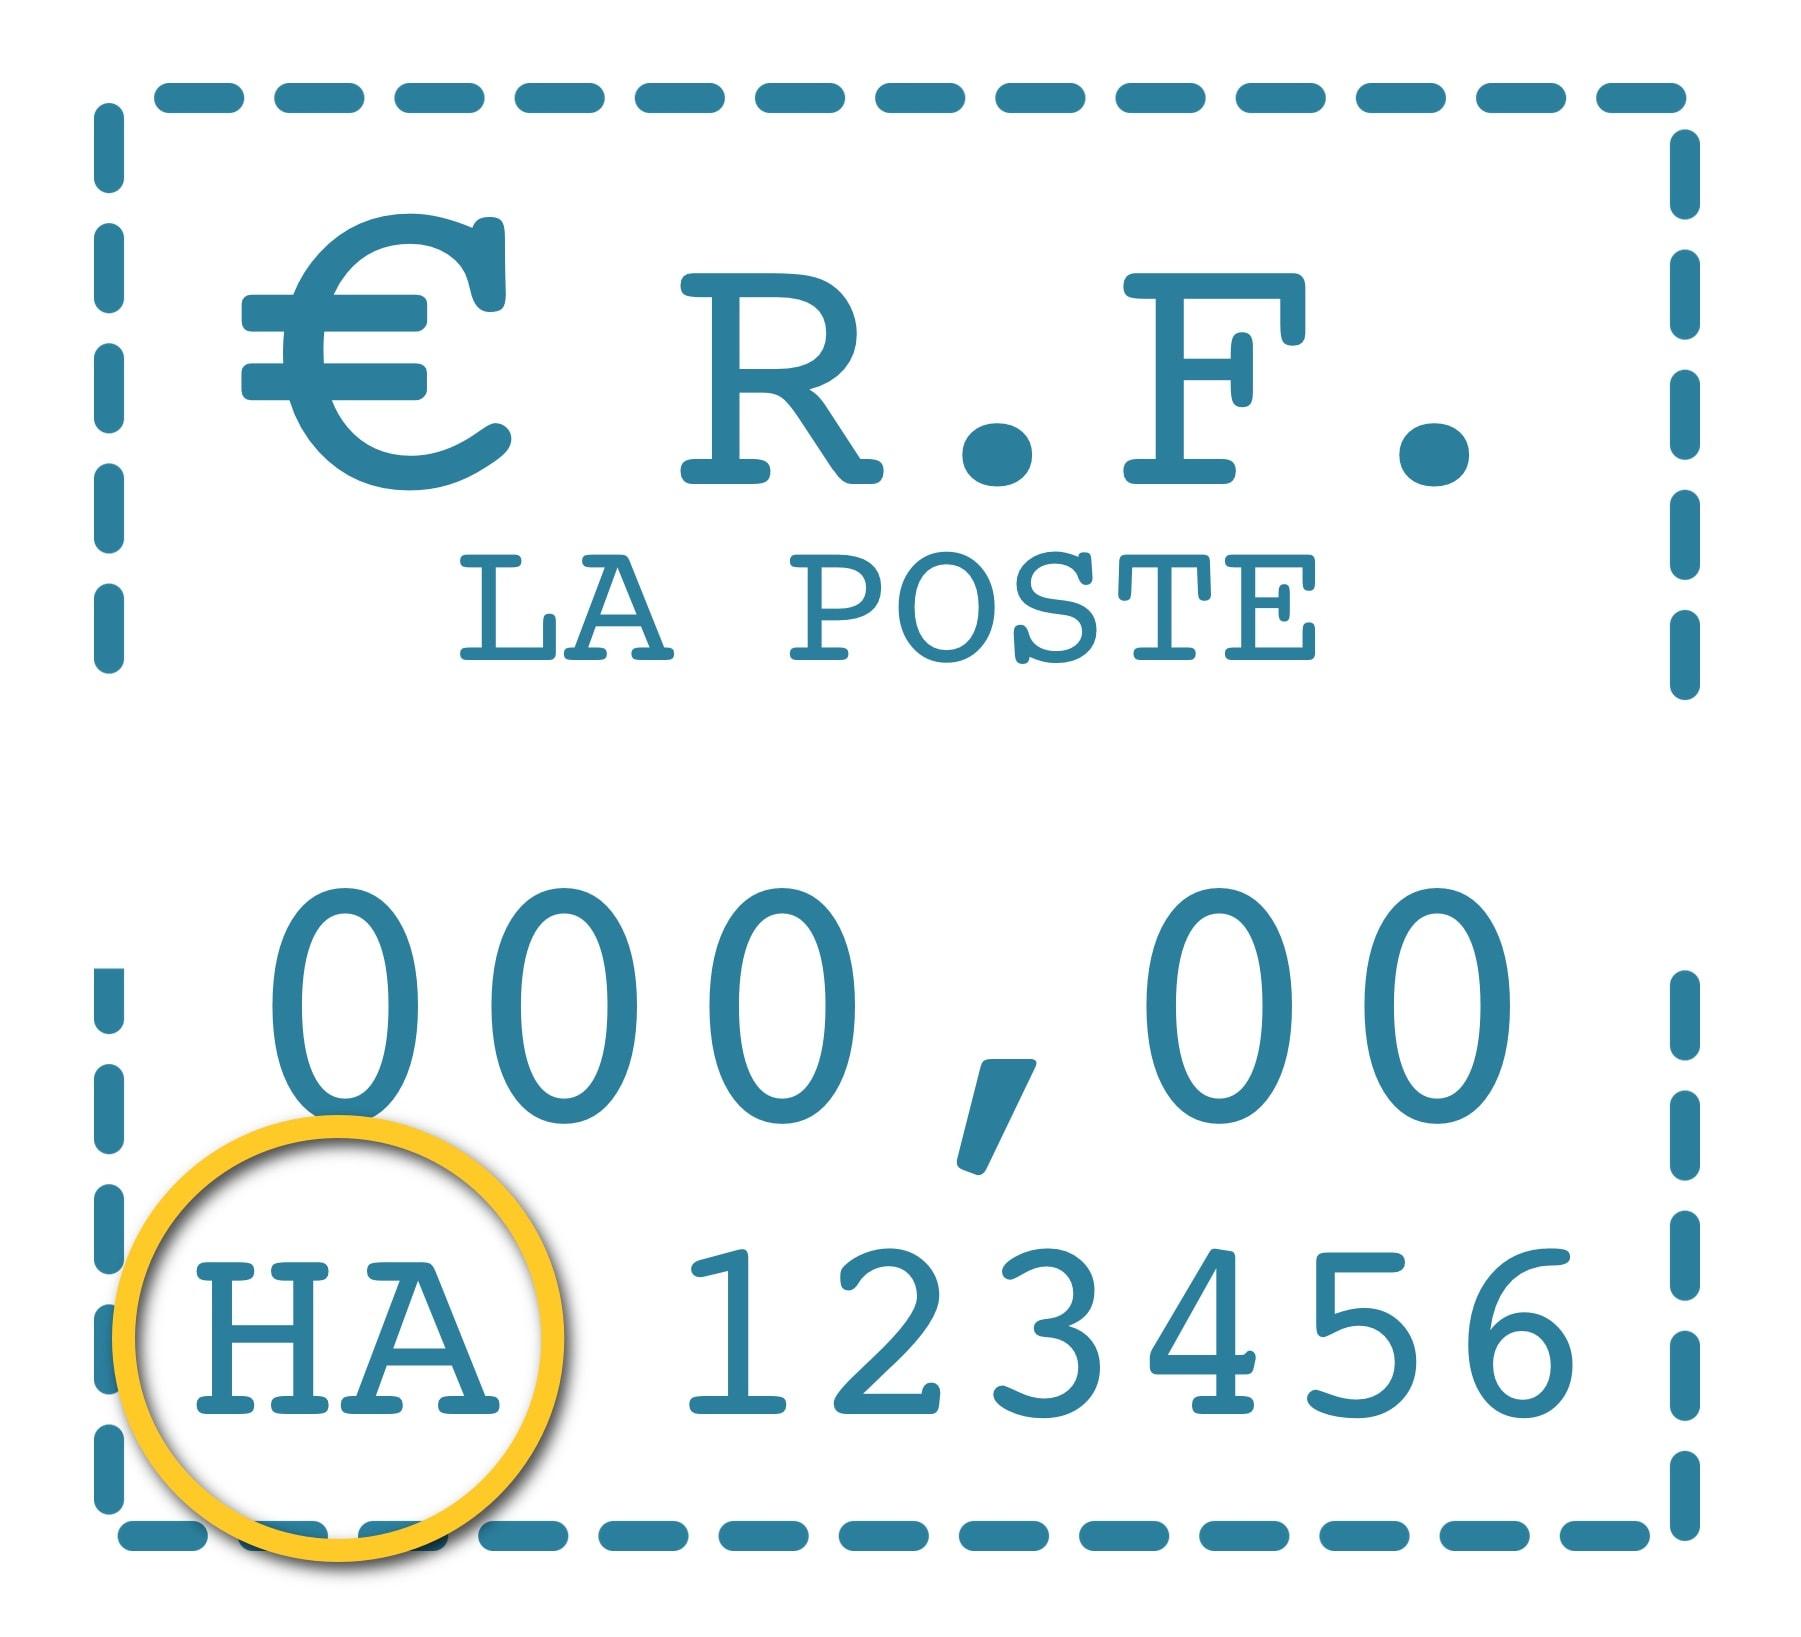 Identifier les cartouches pour machines à affranchir dont j'ai besoin à partir du timbre d'affranchissement